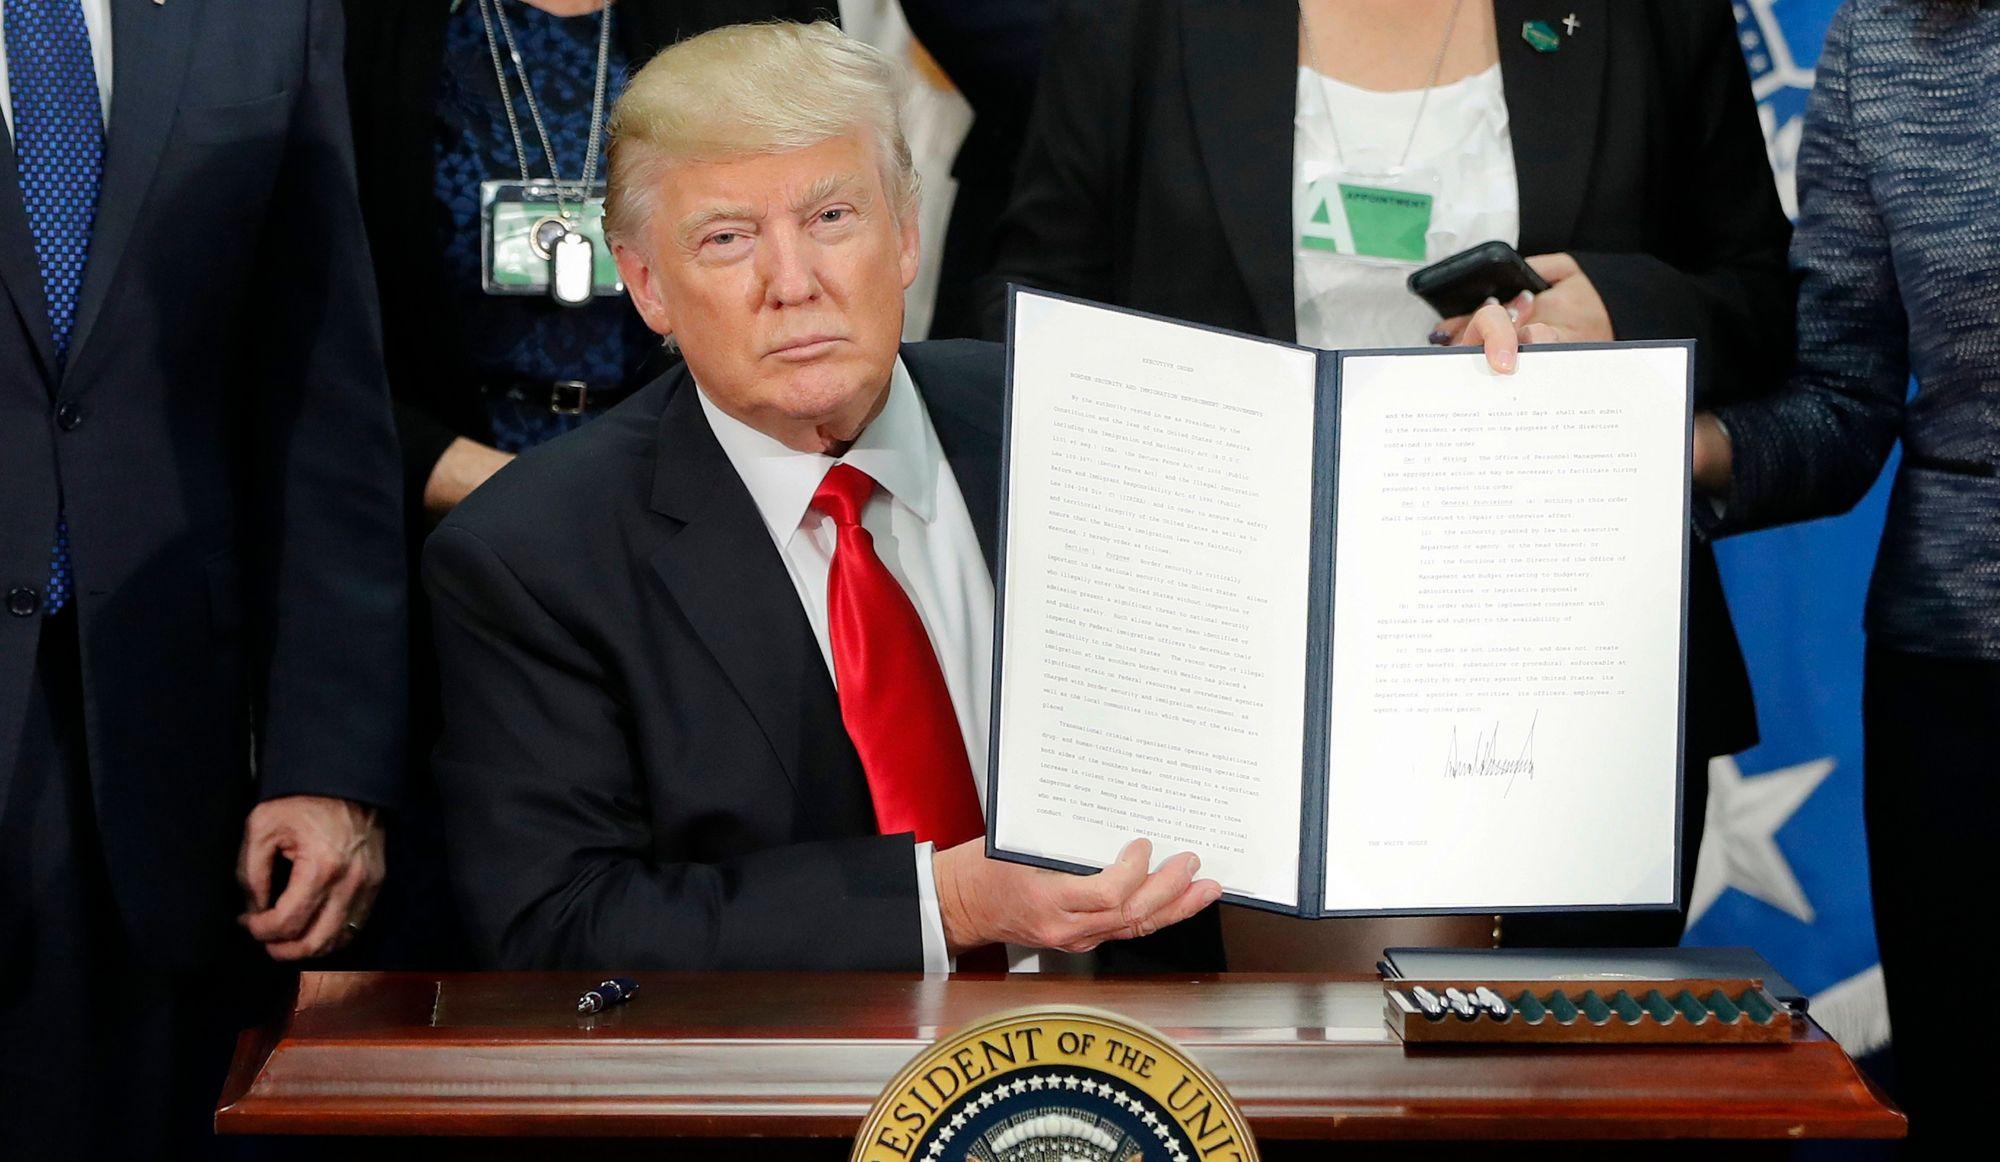 Emprise de Trump sur le GOP: «Ça devient pratiquement comme un culte»